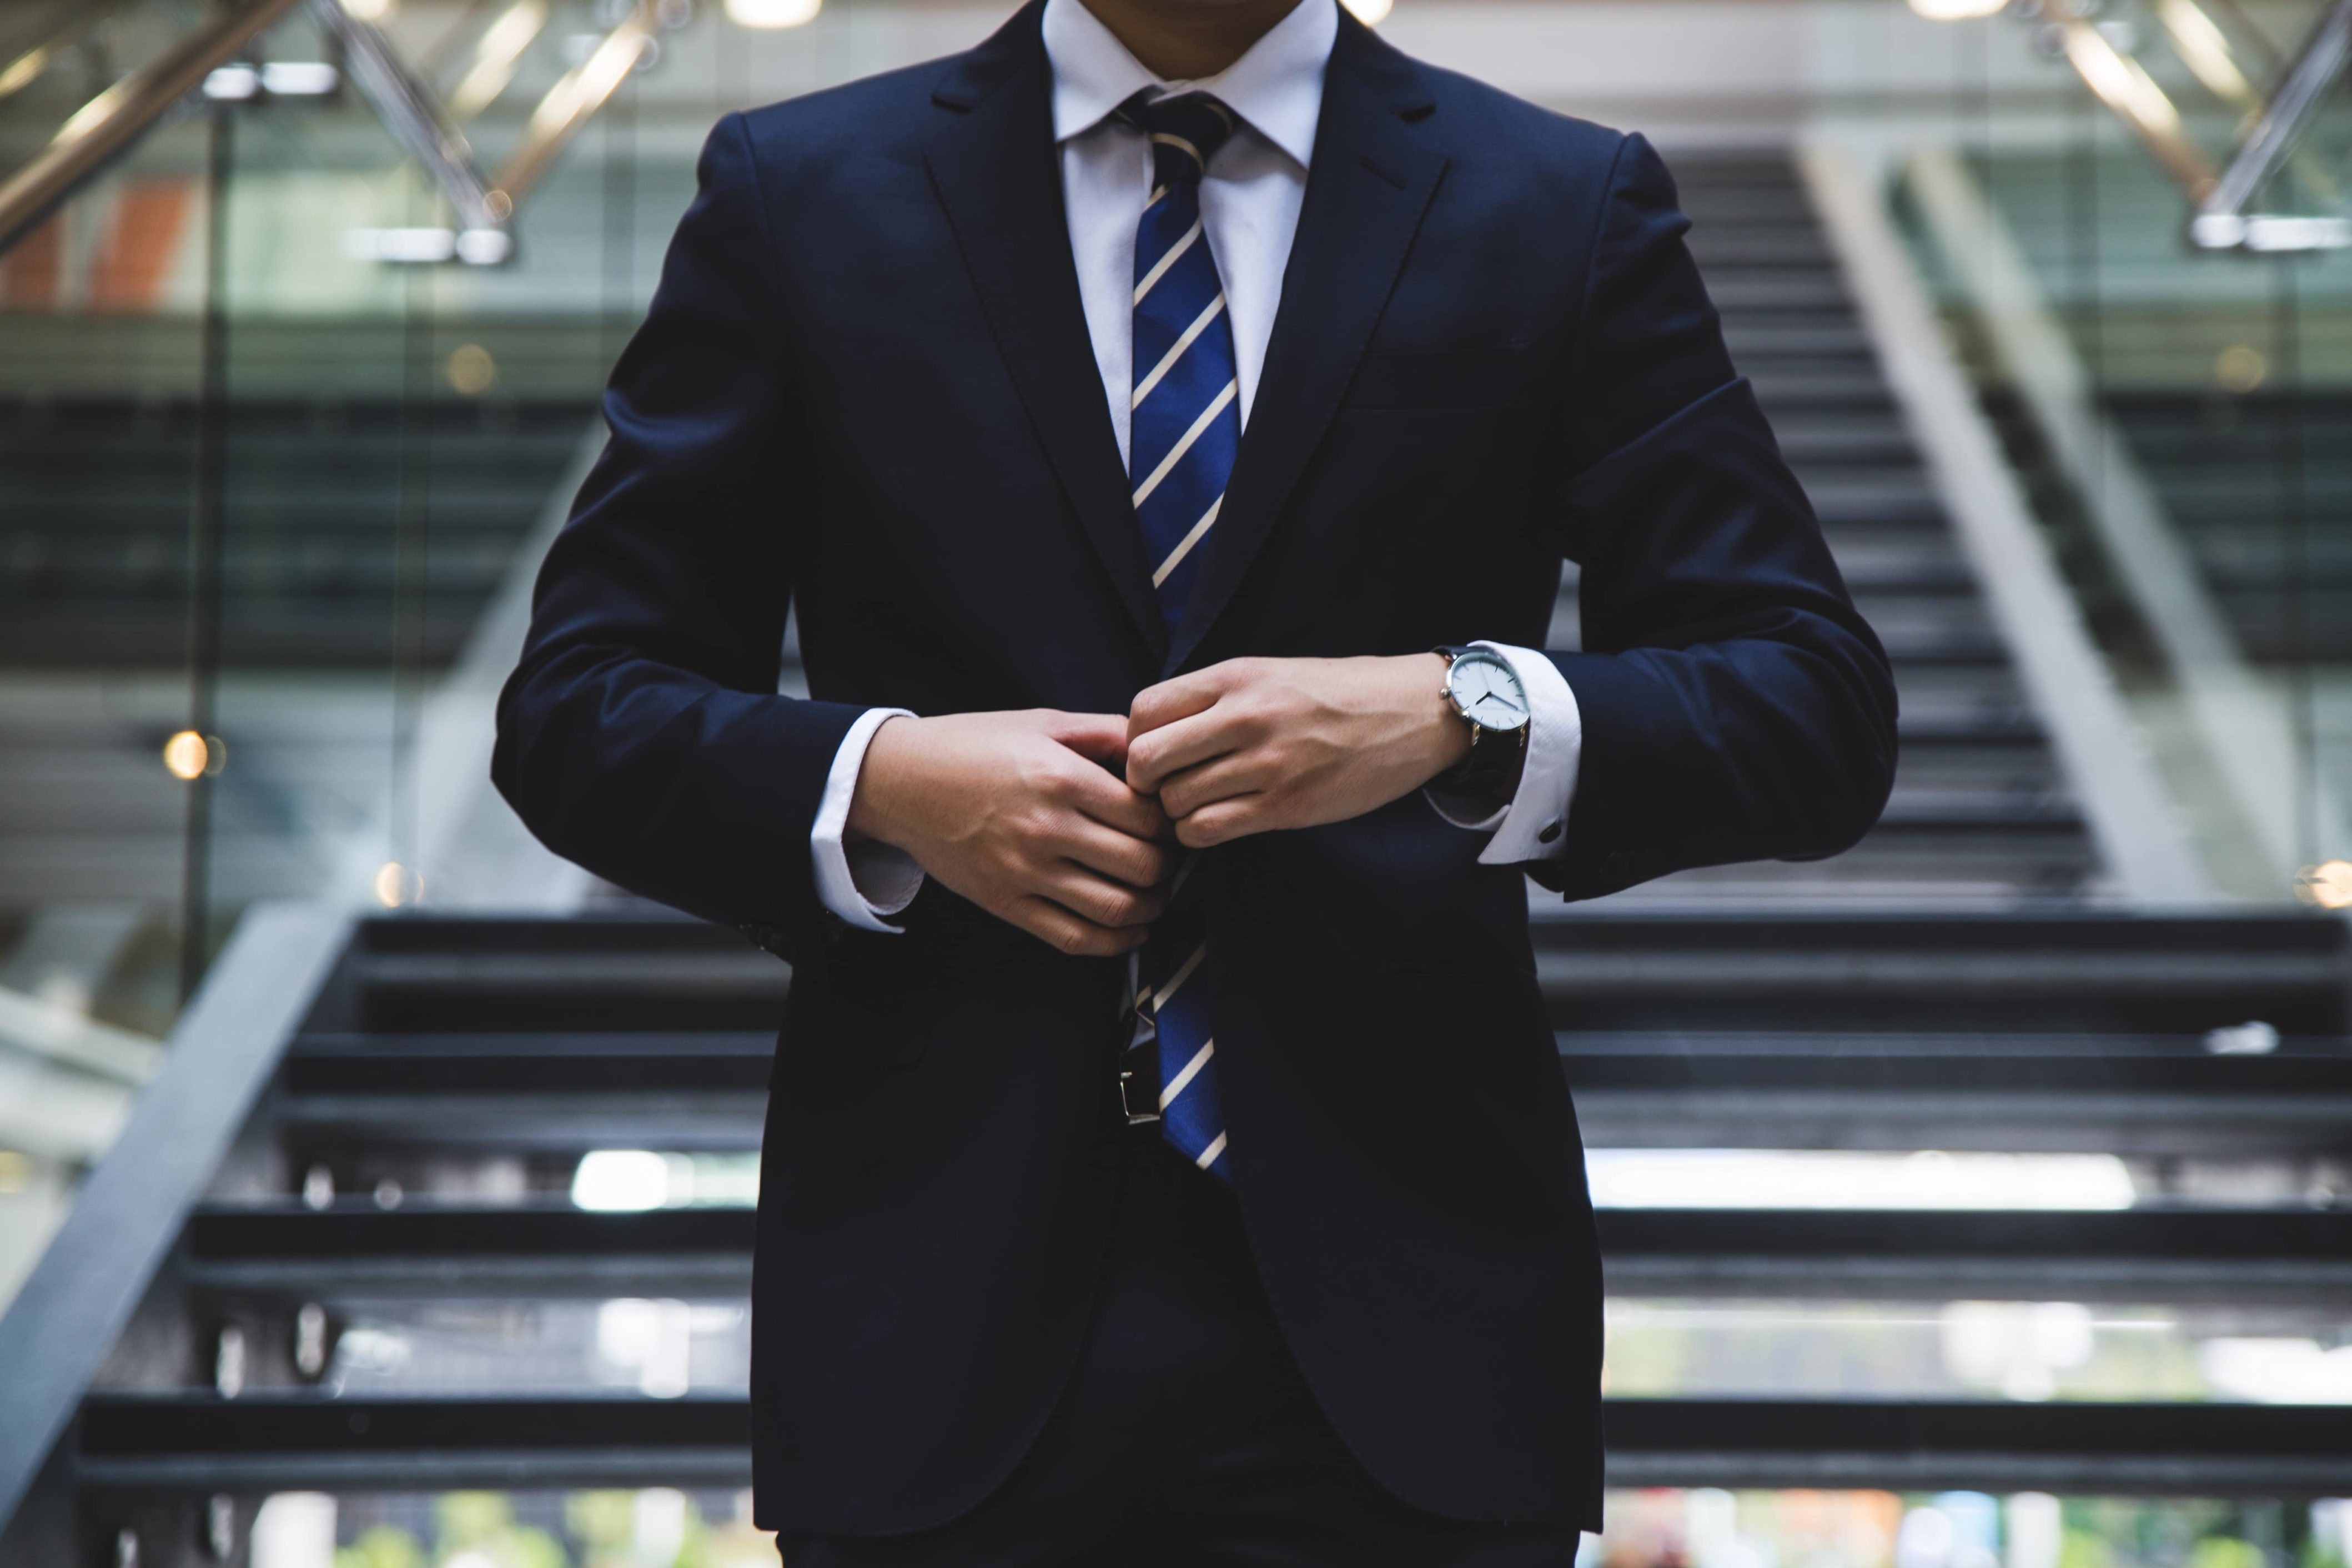 Devenir formateur indépendant: 7 qualites pour etre un bon formateur